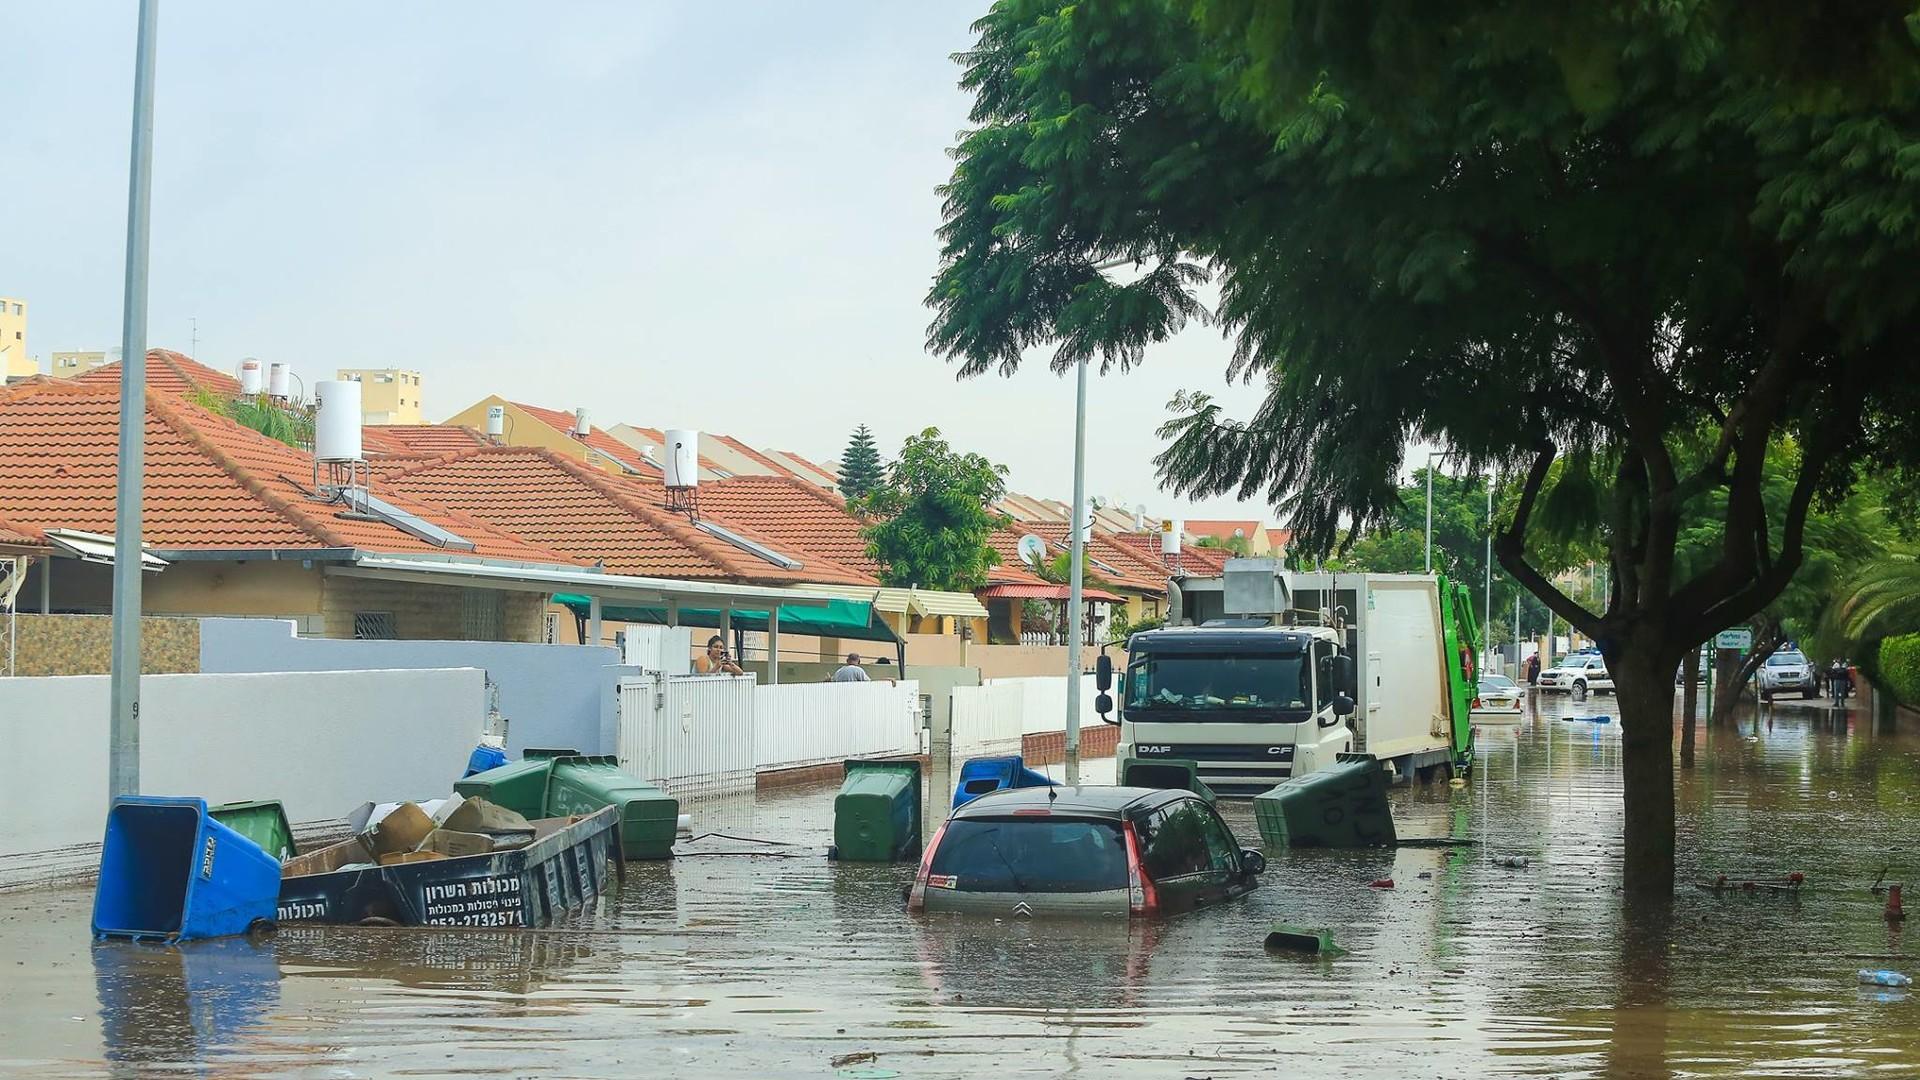 Сильные наводнения обрушились на Израиль после одного из самых дождливых дней в истории страны  - фото 2